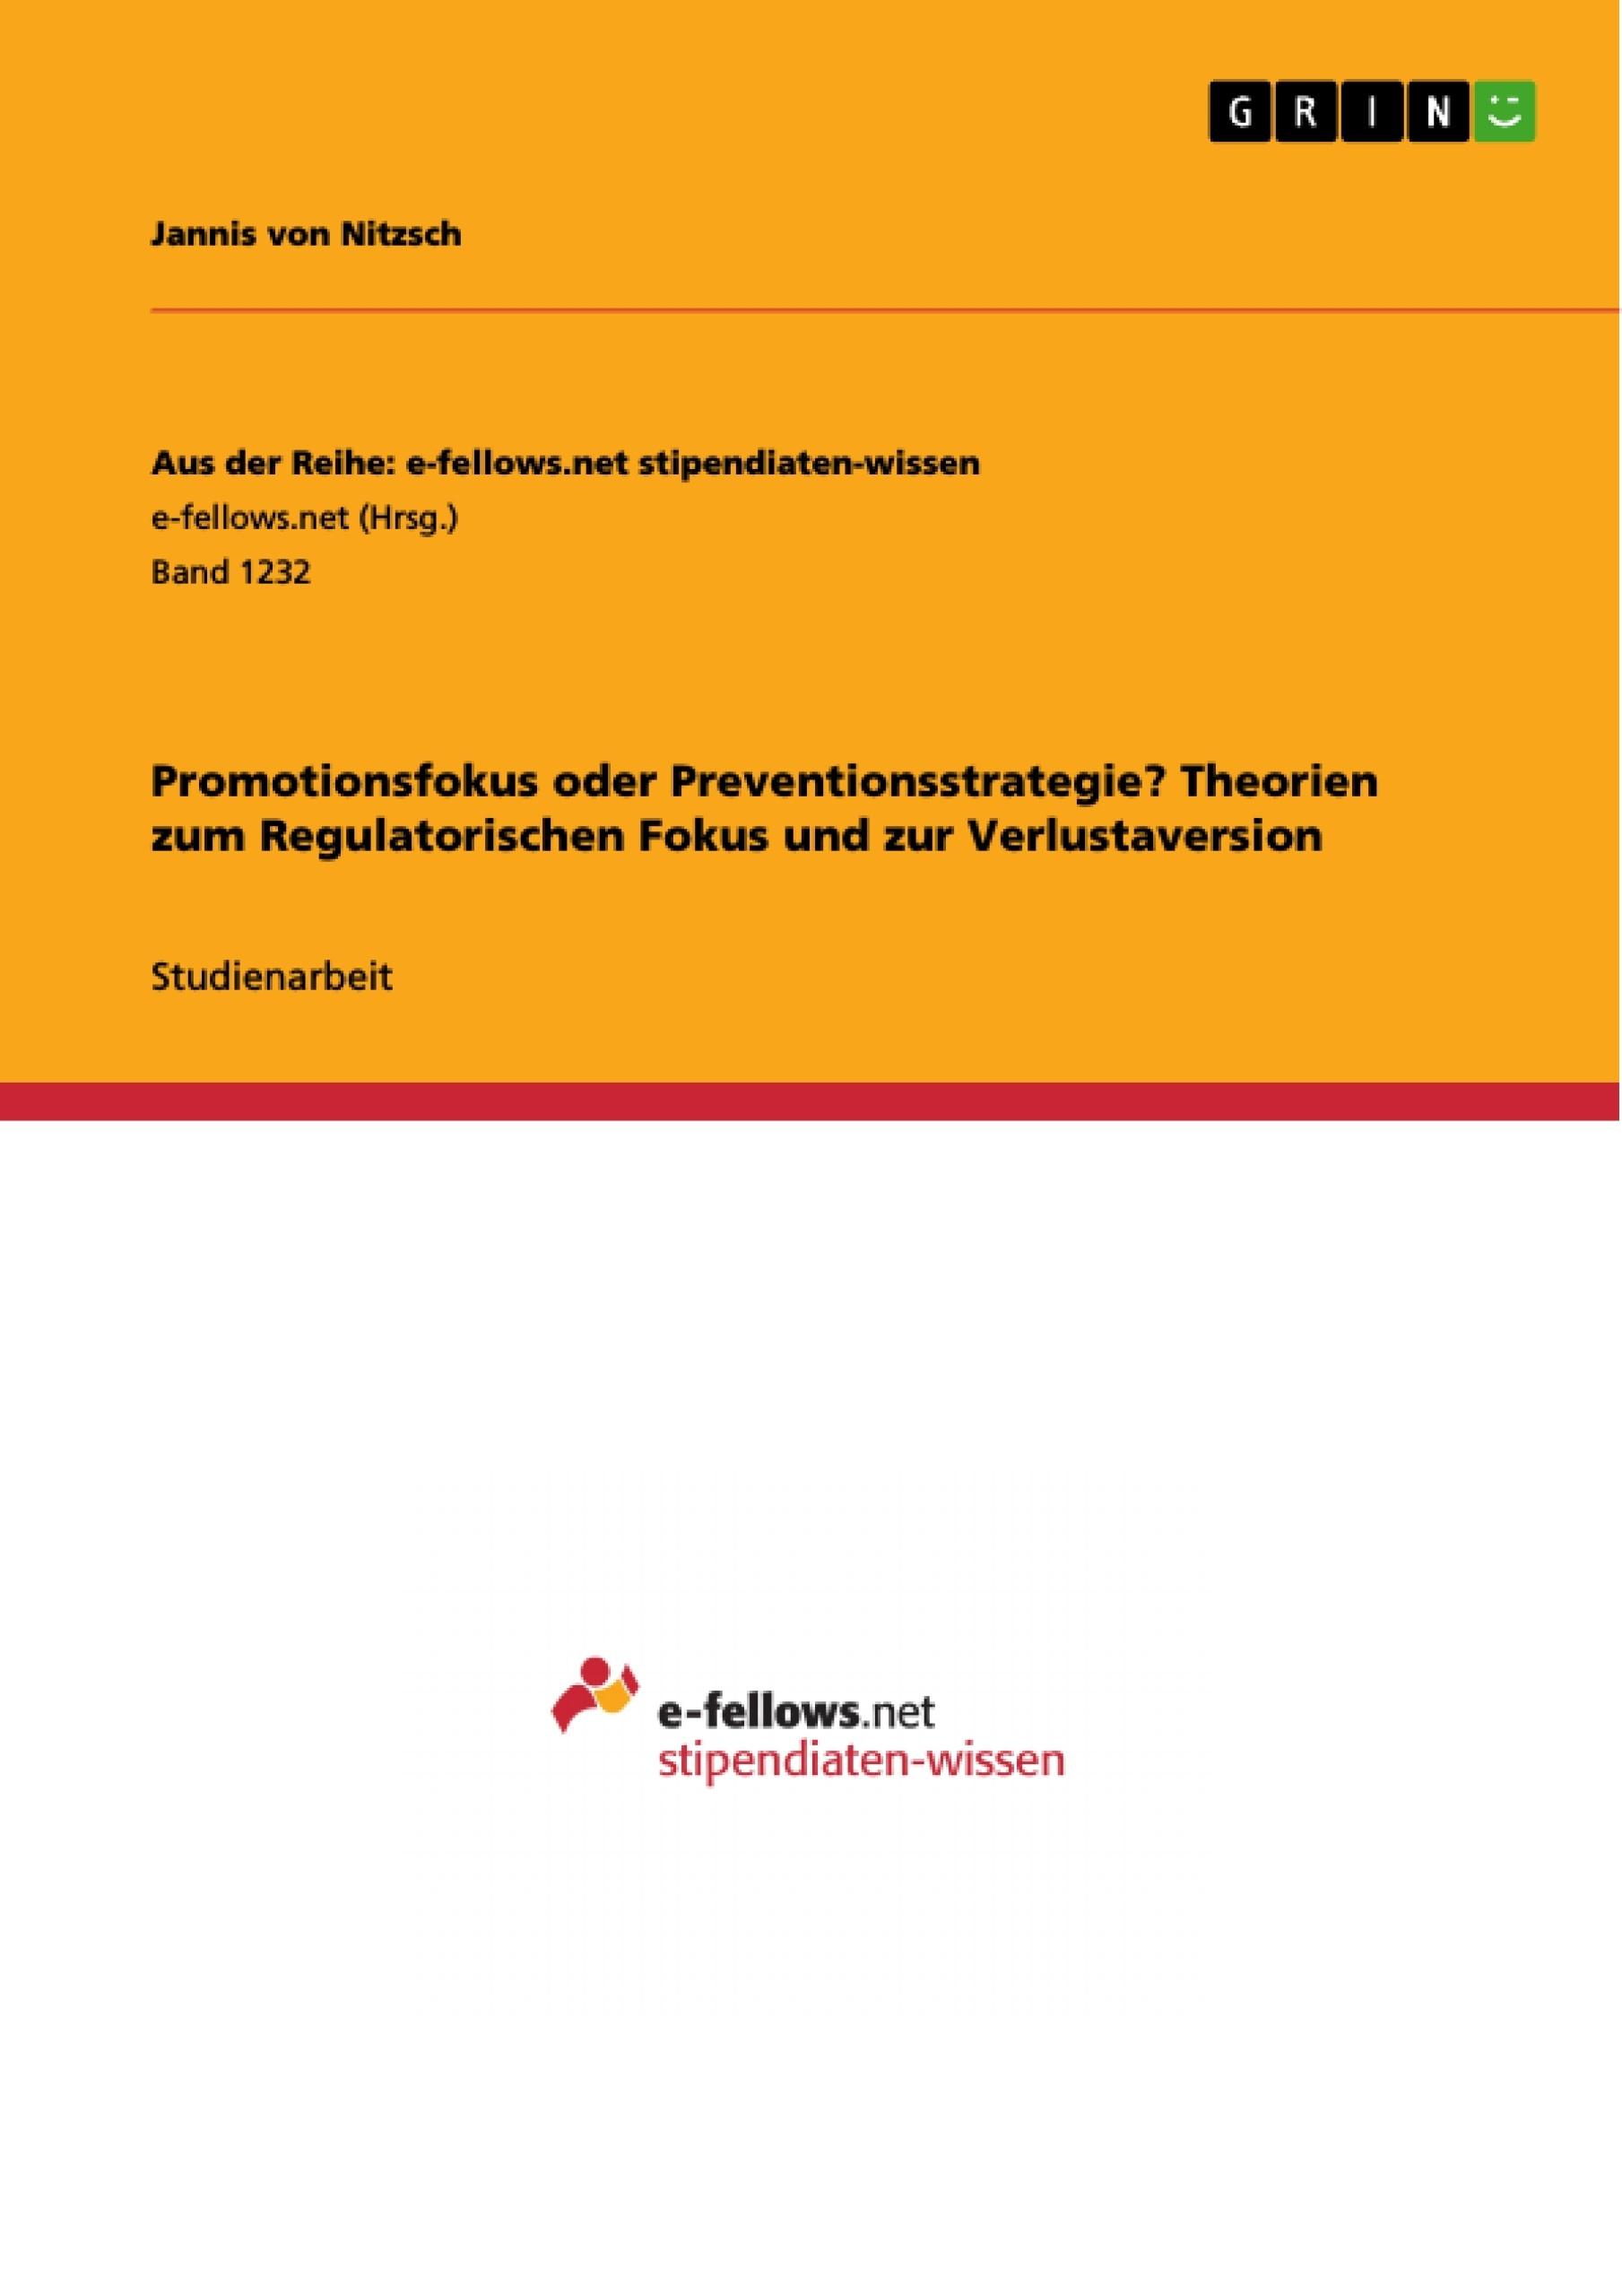 Titel: Promotionsfokus oder Preventionsstrategie? Theorien zum Regulatorischen Fokus und zur Verlustaversion